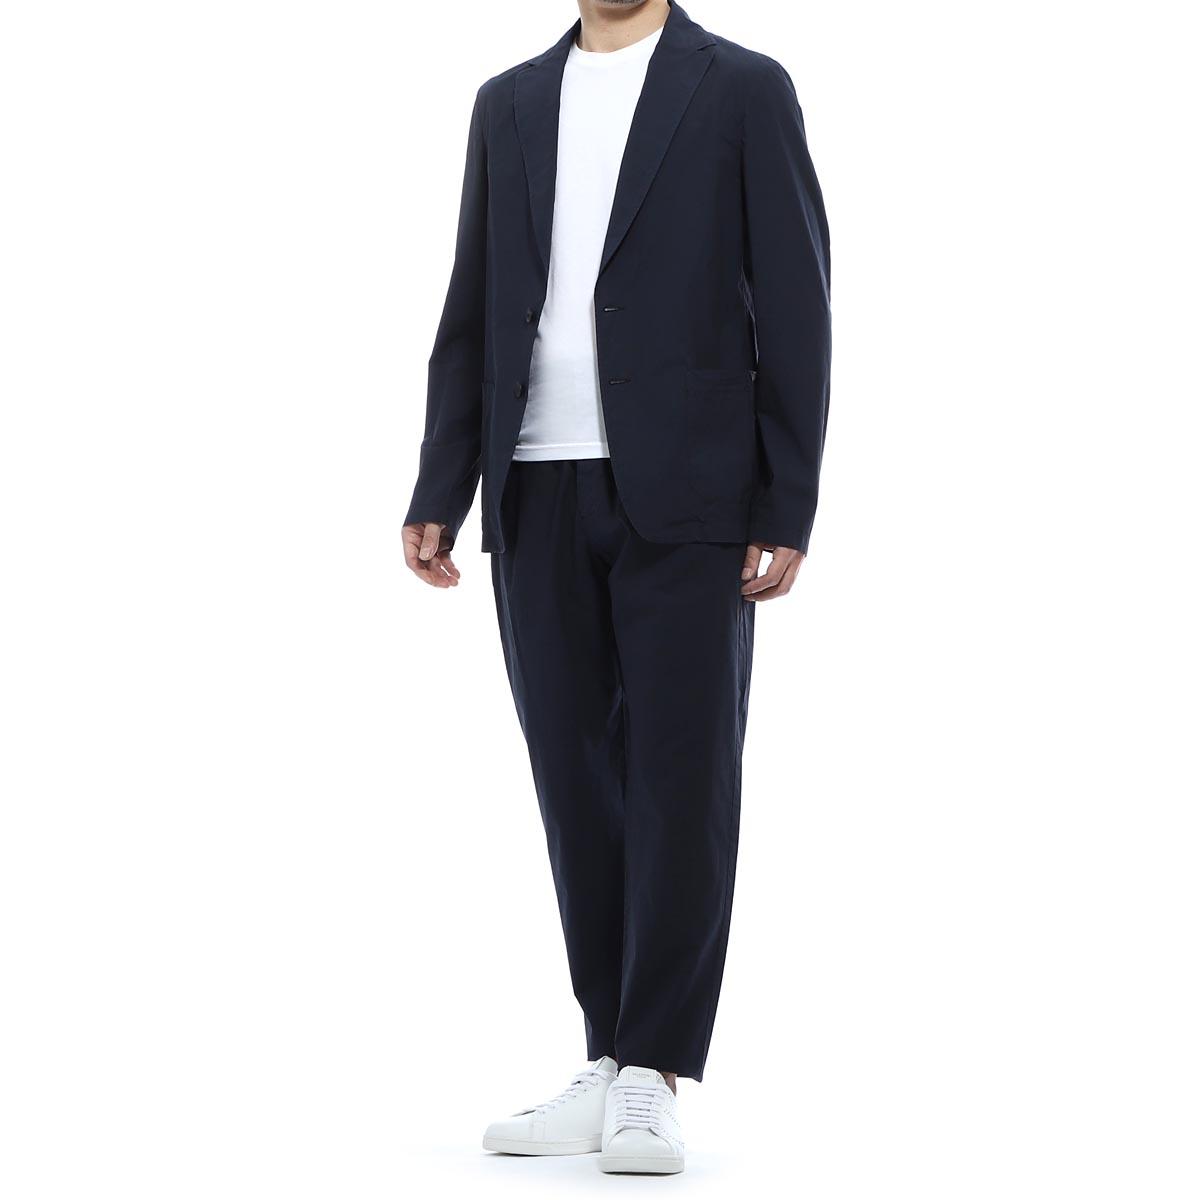 ティージャケット T-JACKET シングル 2つボタンスーツ ブルー メンズ テーラード ジャケット パンツ カジュアル セットアップ 51ba419t 4329t 601 MAN FIT T-SUIT【あす楽対応_関東】【返品送料無料】